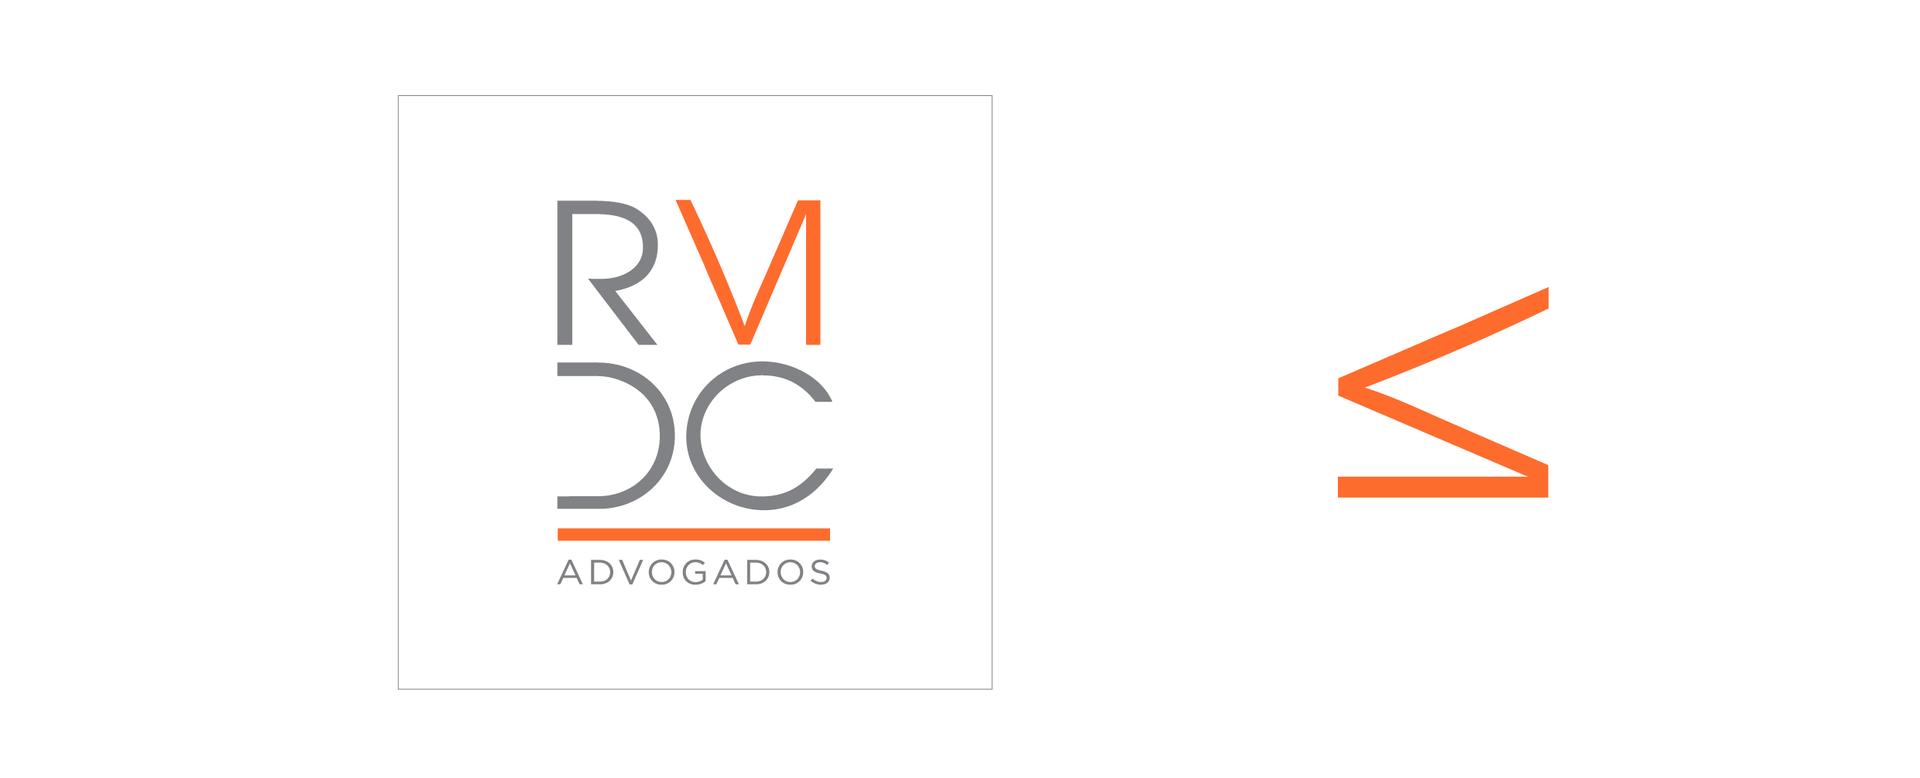 Complemento do logo